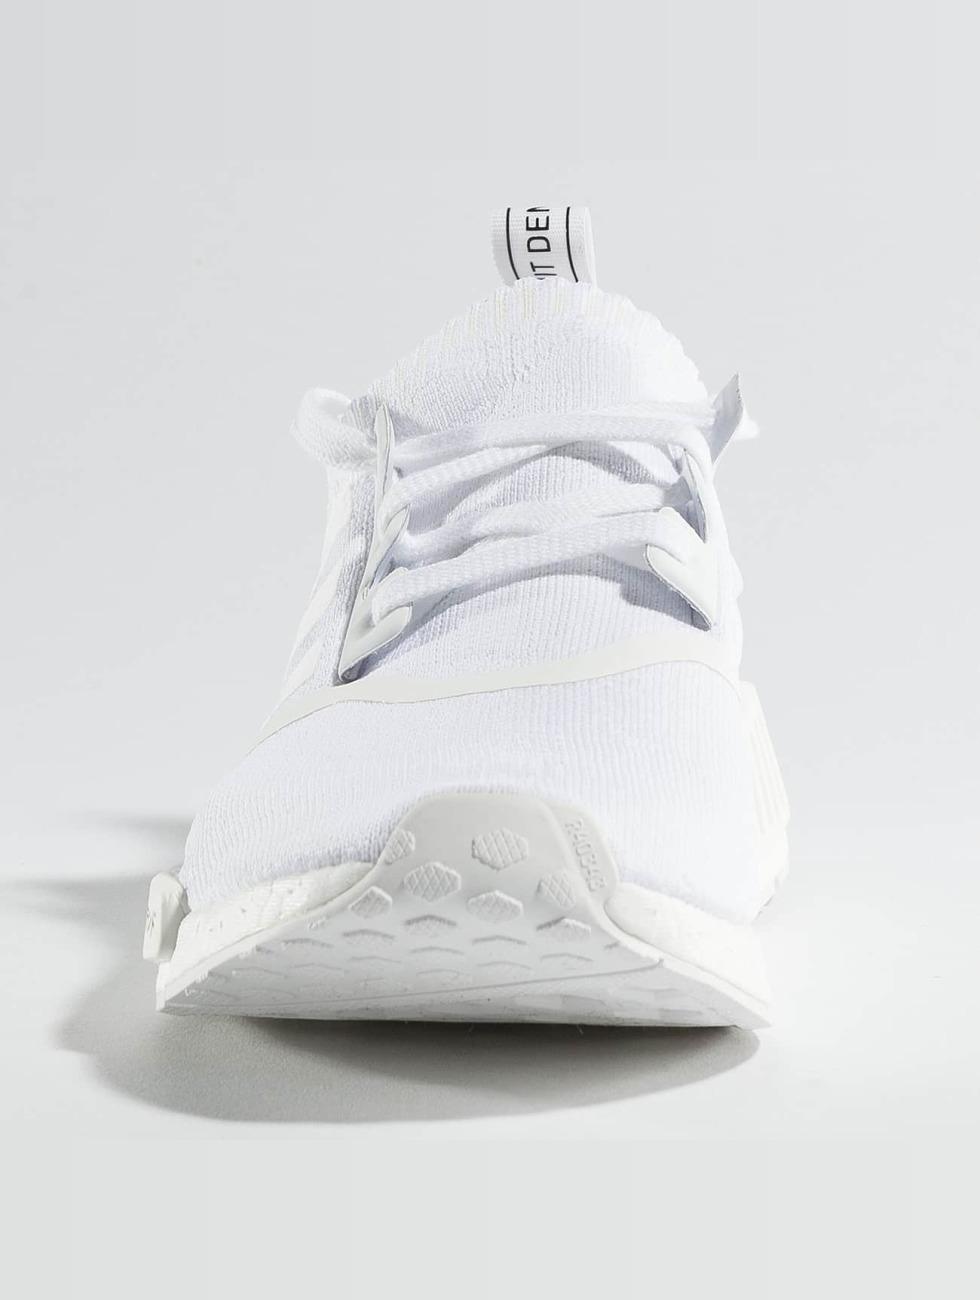 adidas originals Baskets NMD_R1 PK blanc